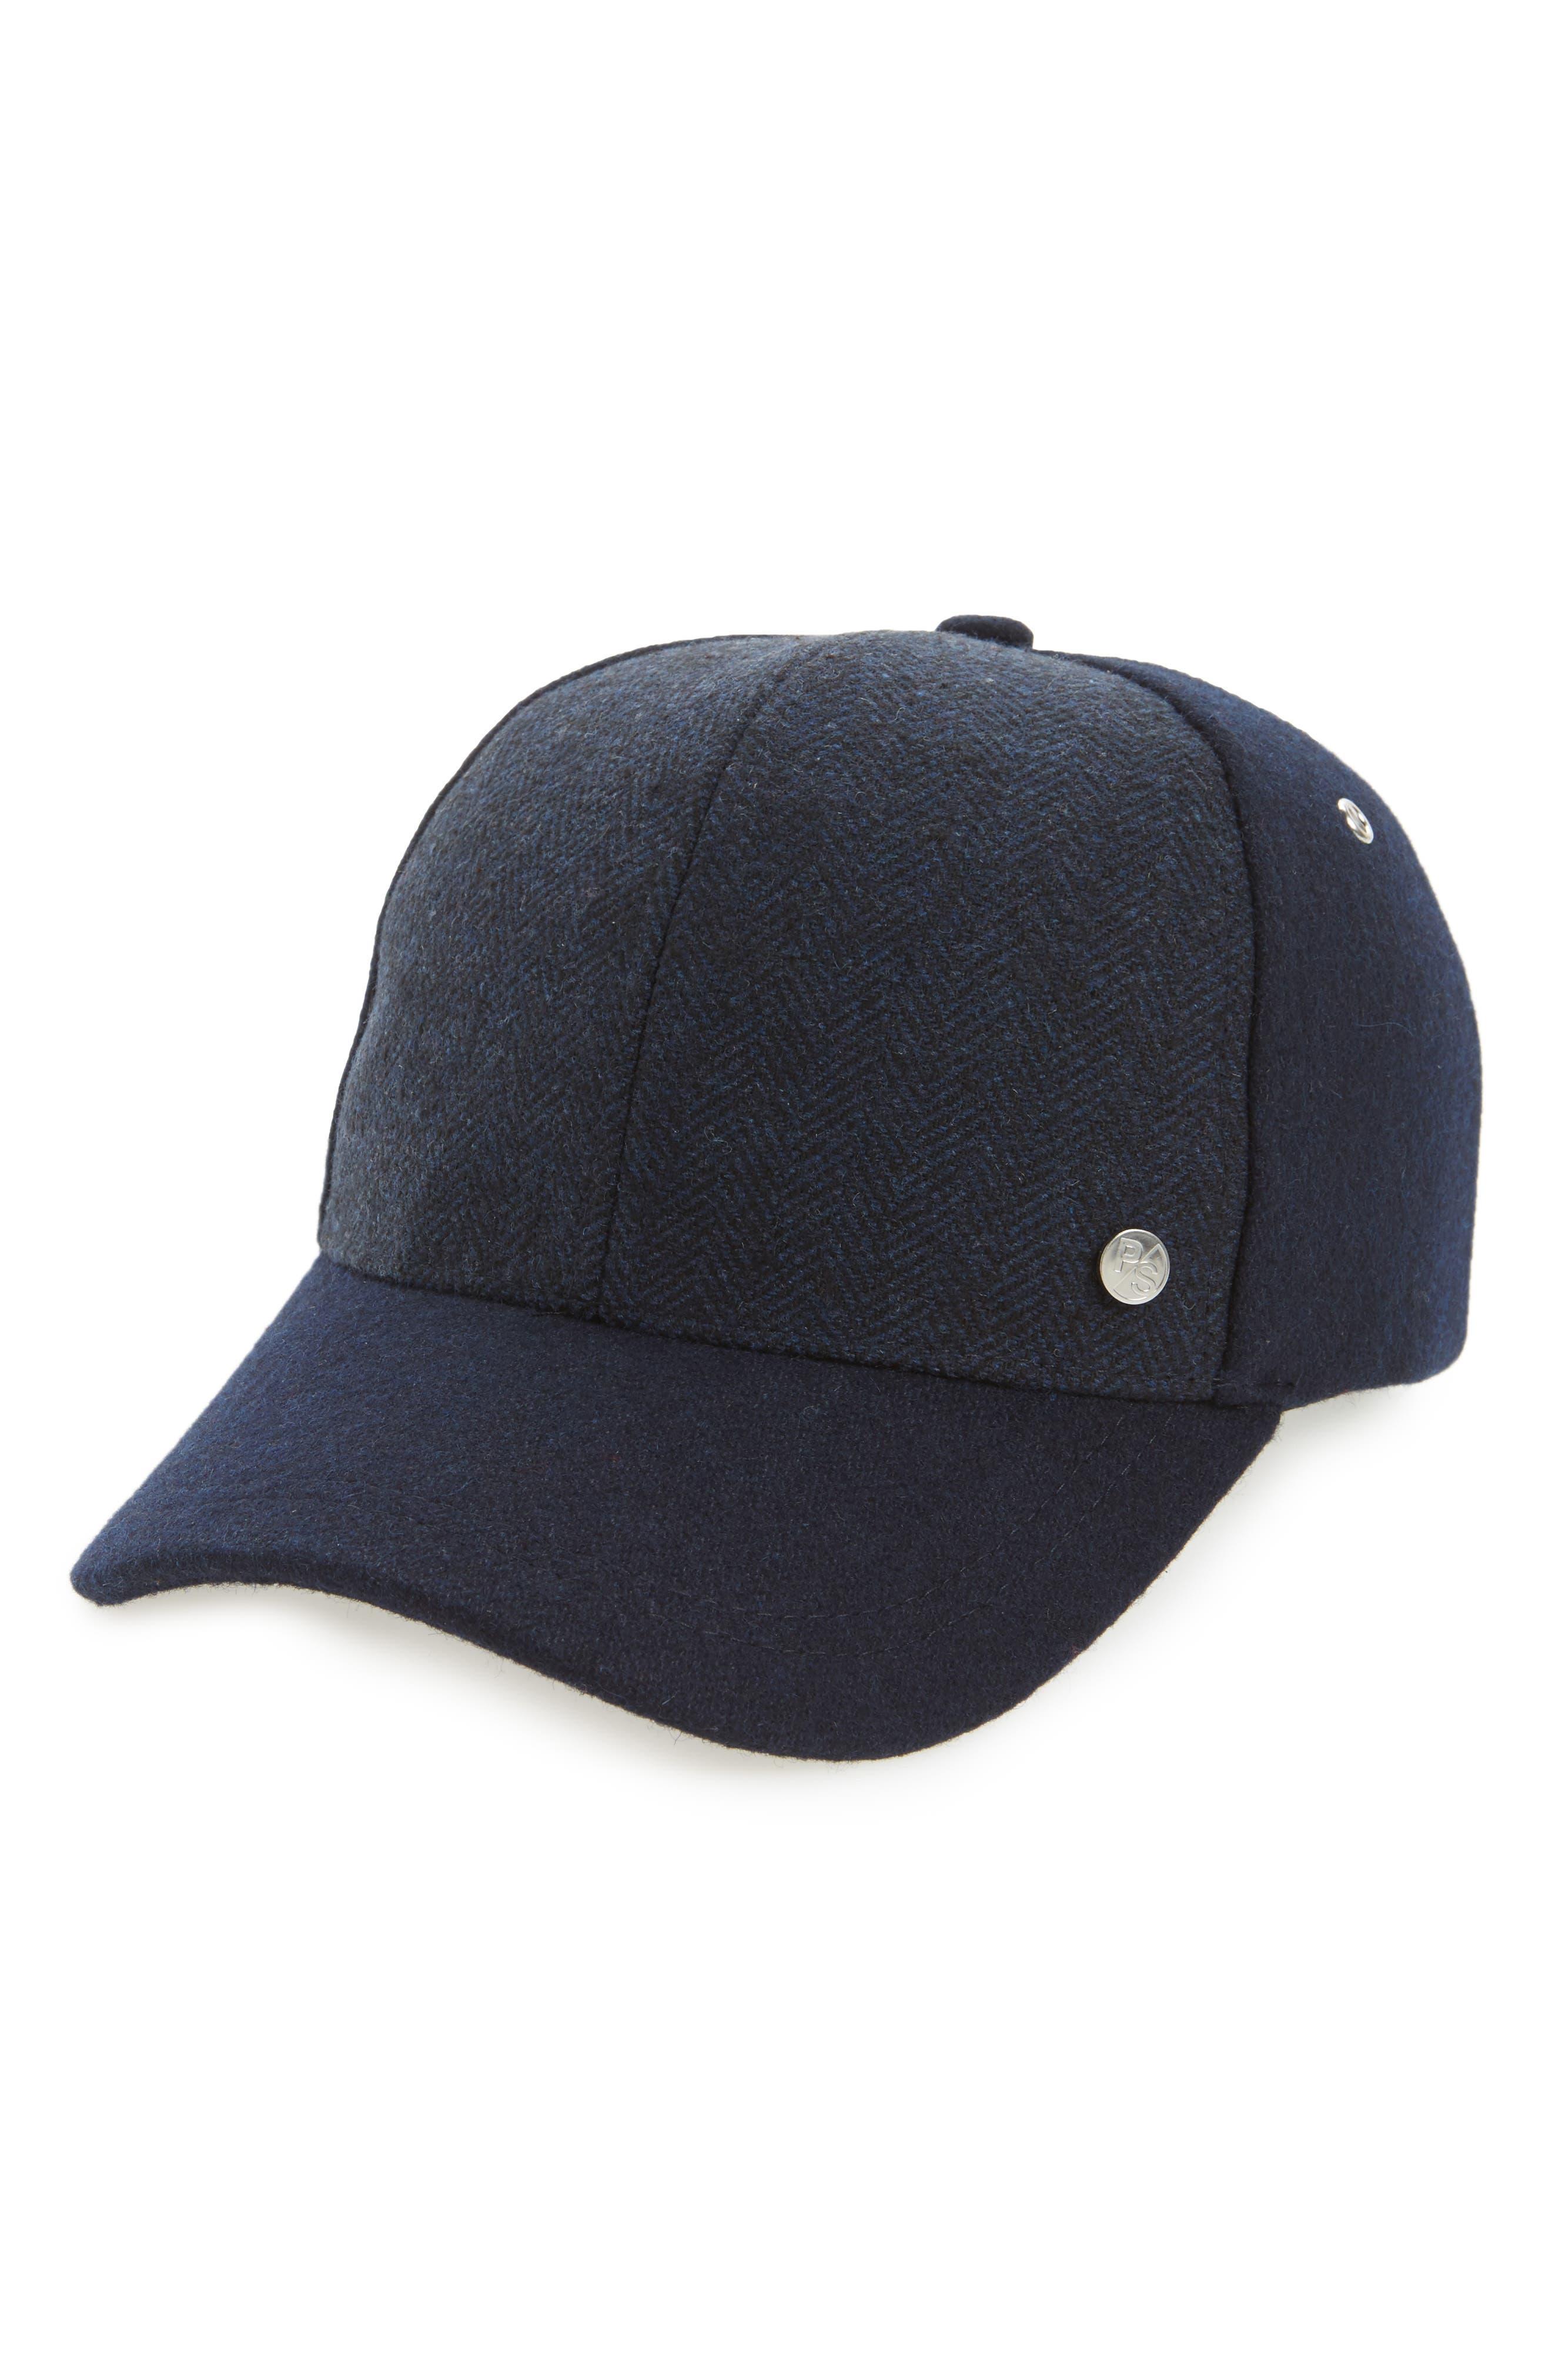 Main Image - Paul Smith Herringbone Baseball Cap